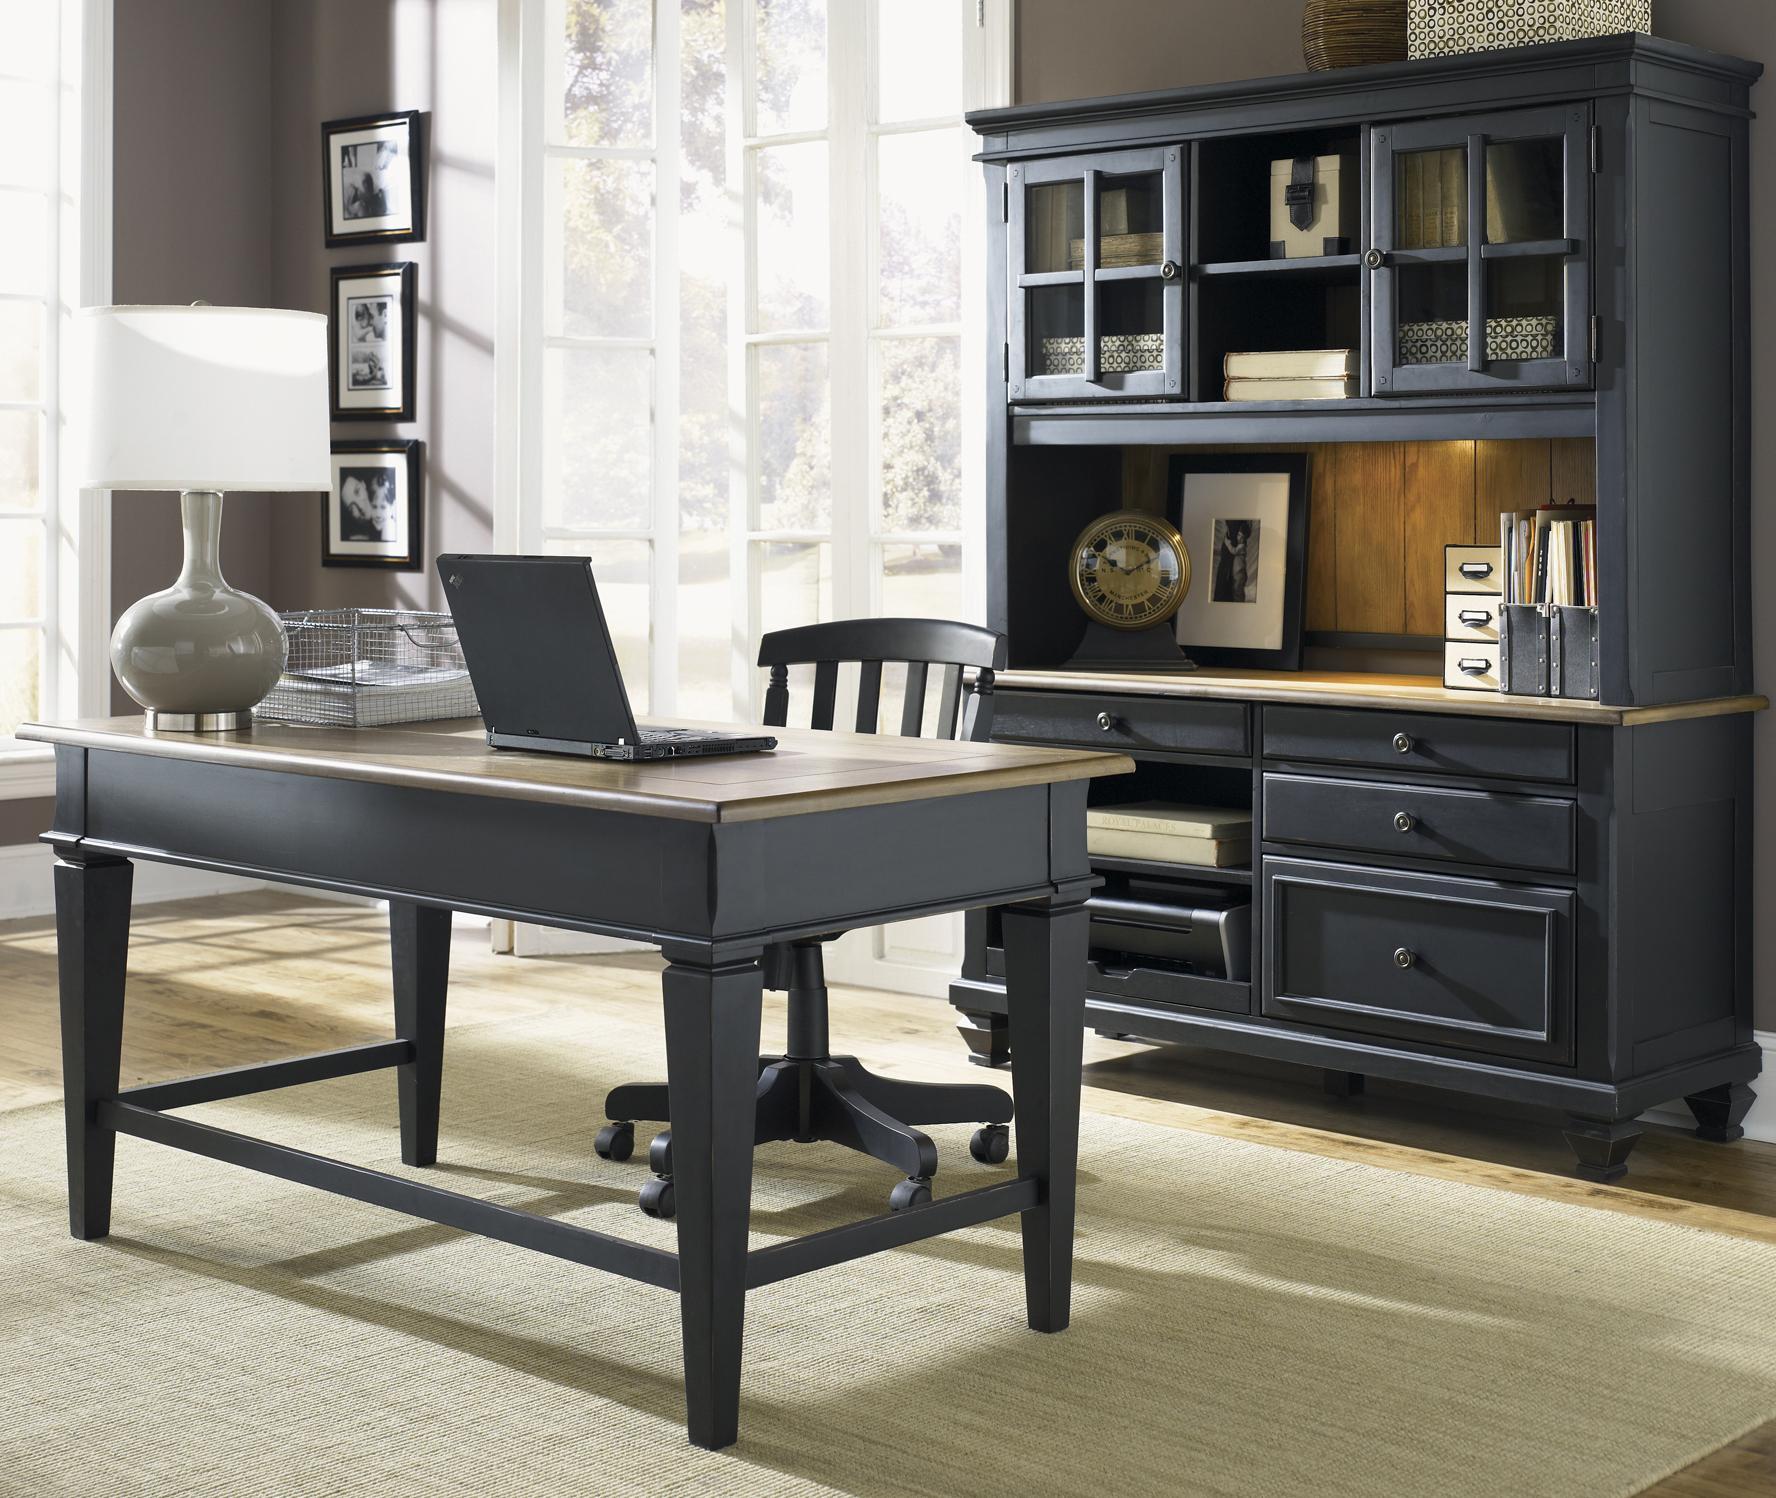 Liberty Furniture Bungalow II 641 HO105 Jr Executive Desk   Northeast  Factory Direct   Table Desks/Writing Desks Cleveland, Eastlake, Westlake,  Mentor, ...